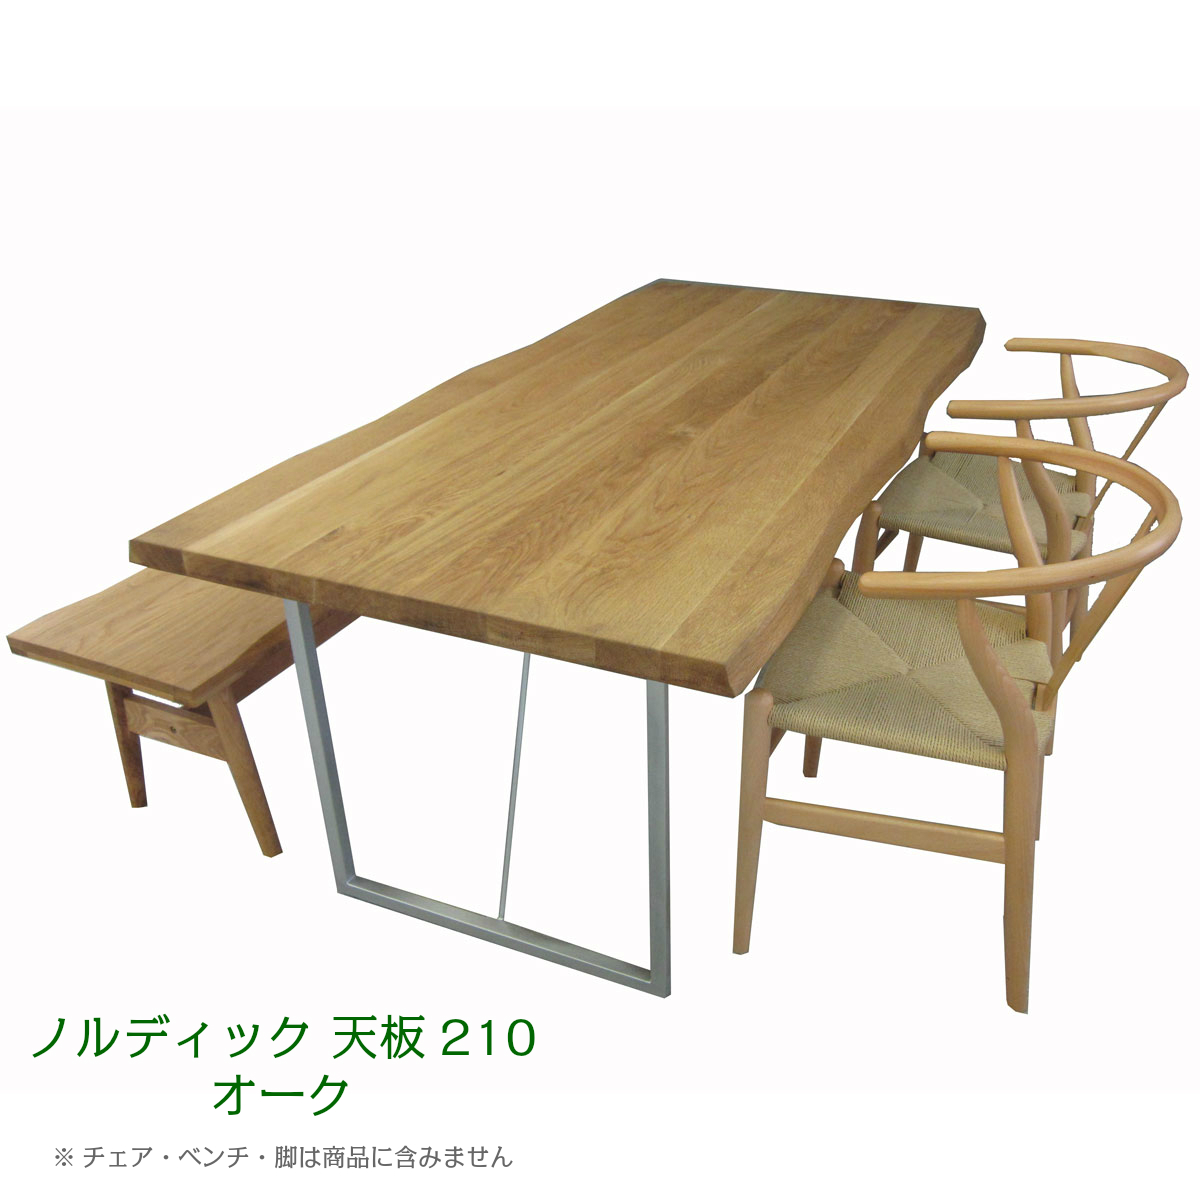 ダイニングテーブル 天板 ノルディック 2100 オーク【一部地域開梱設置無料】【代引き不可】